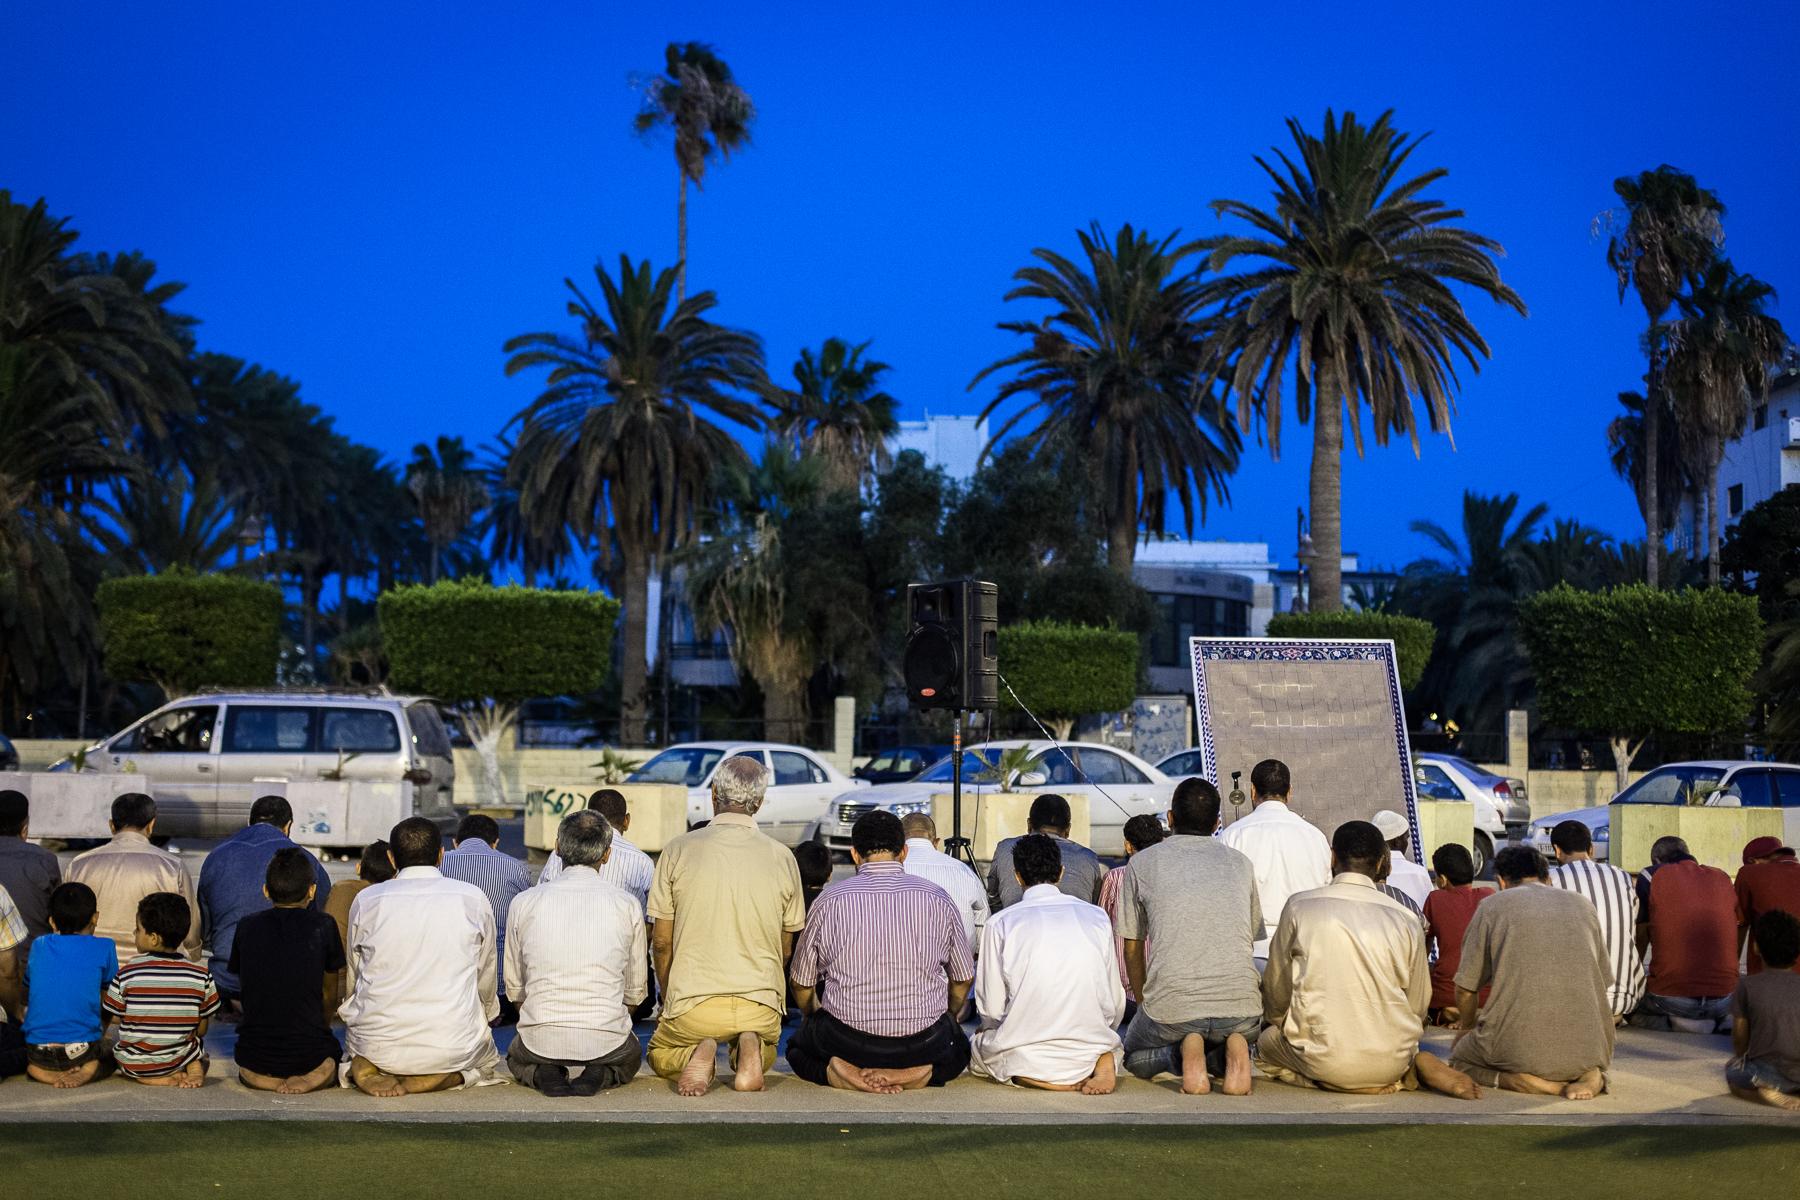 Tripoli, le 13 Juillet 2015. Rupture du jeûne du ramadan sur la place des martyrs.  Tripoli, 13th July 2015. Breaking the fast of Ramadan in Martyr square.